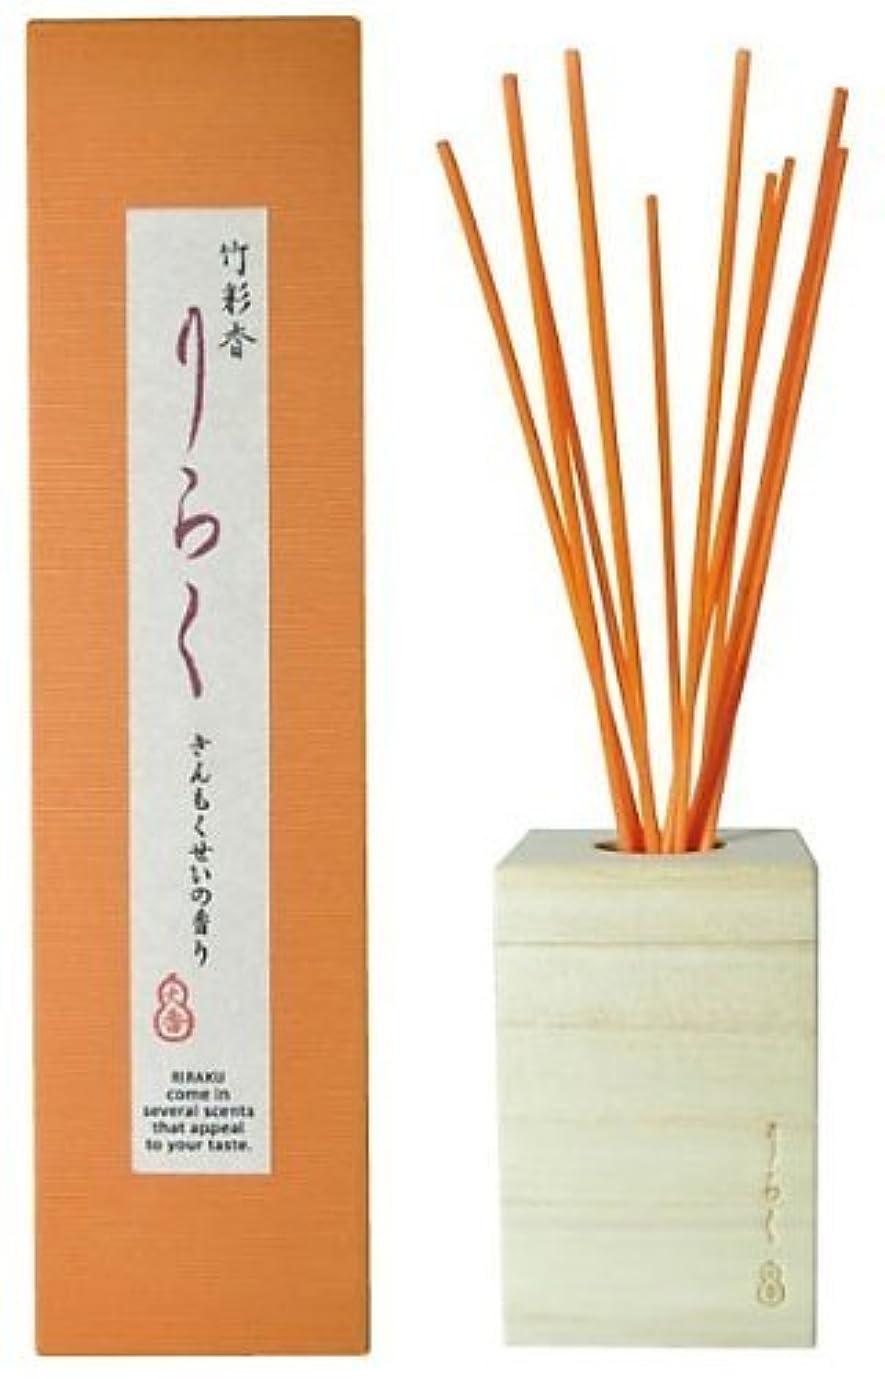 刺繍飢クマノミ竹彩香りらくきんもくせい 50ml